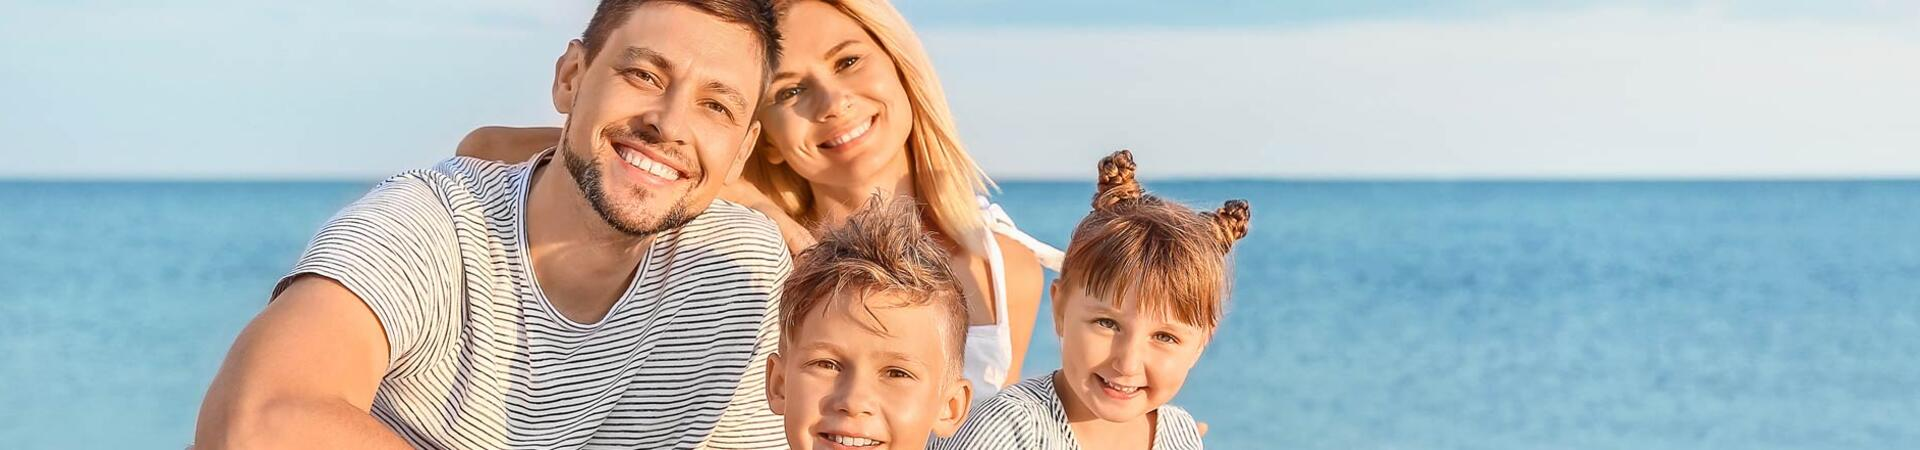 hotelmyosotis it offerta-week-end-a-riccione-in-bb 004